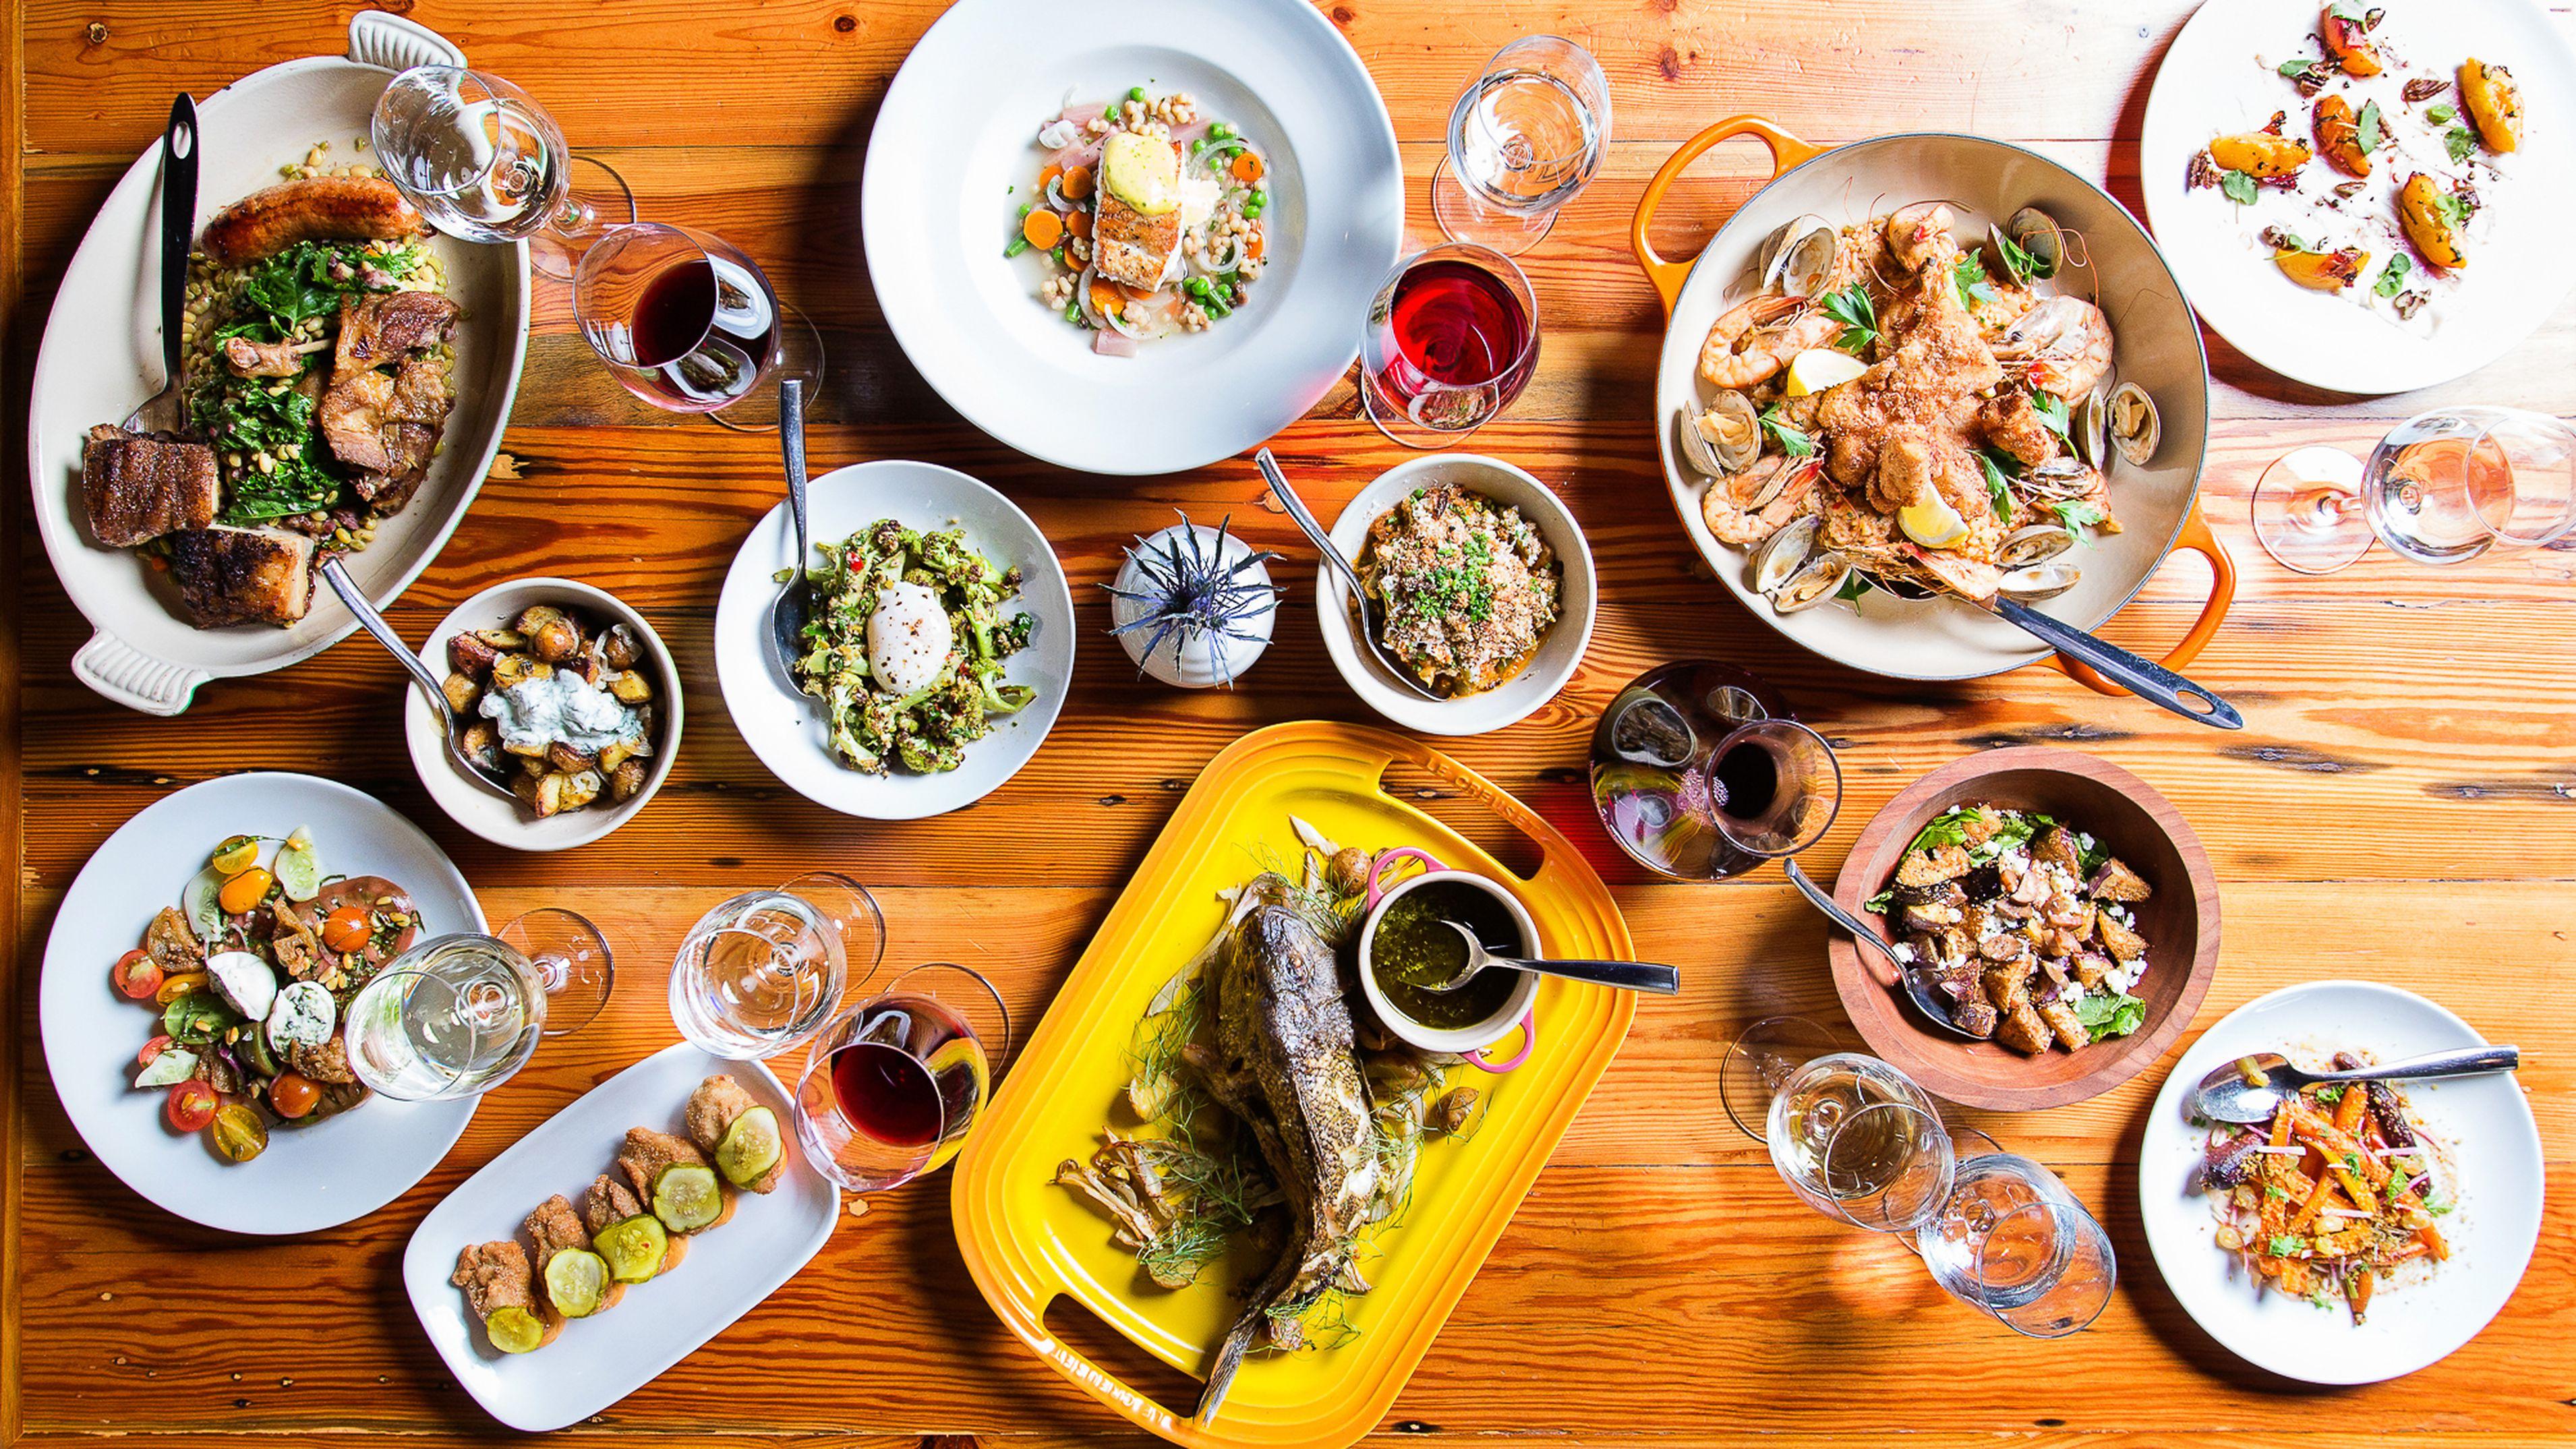 Best Charleston Restaurants to Bring Your Parents